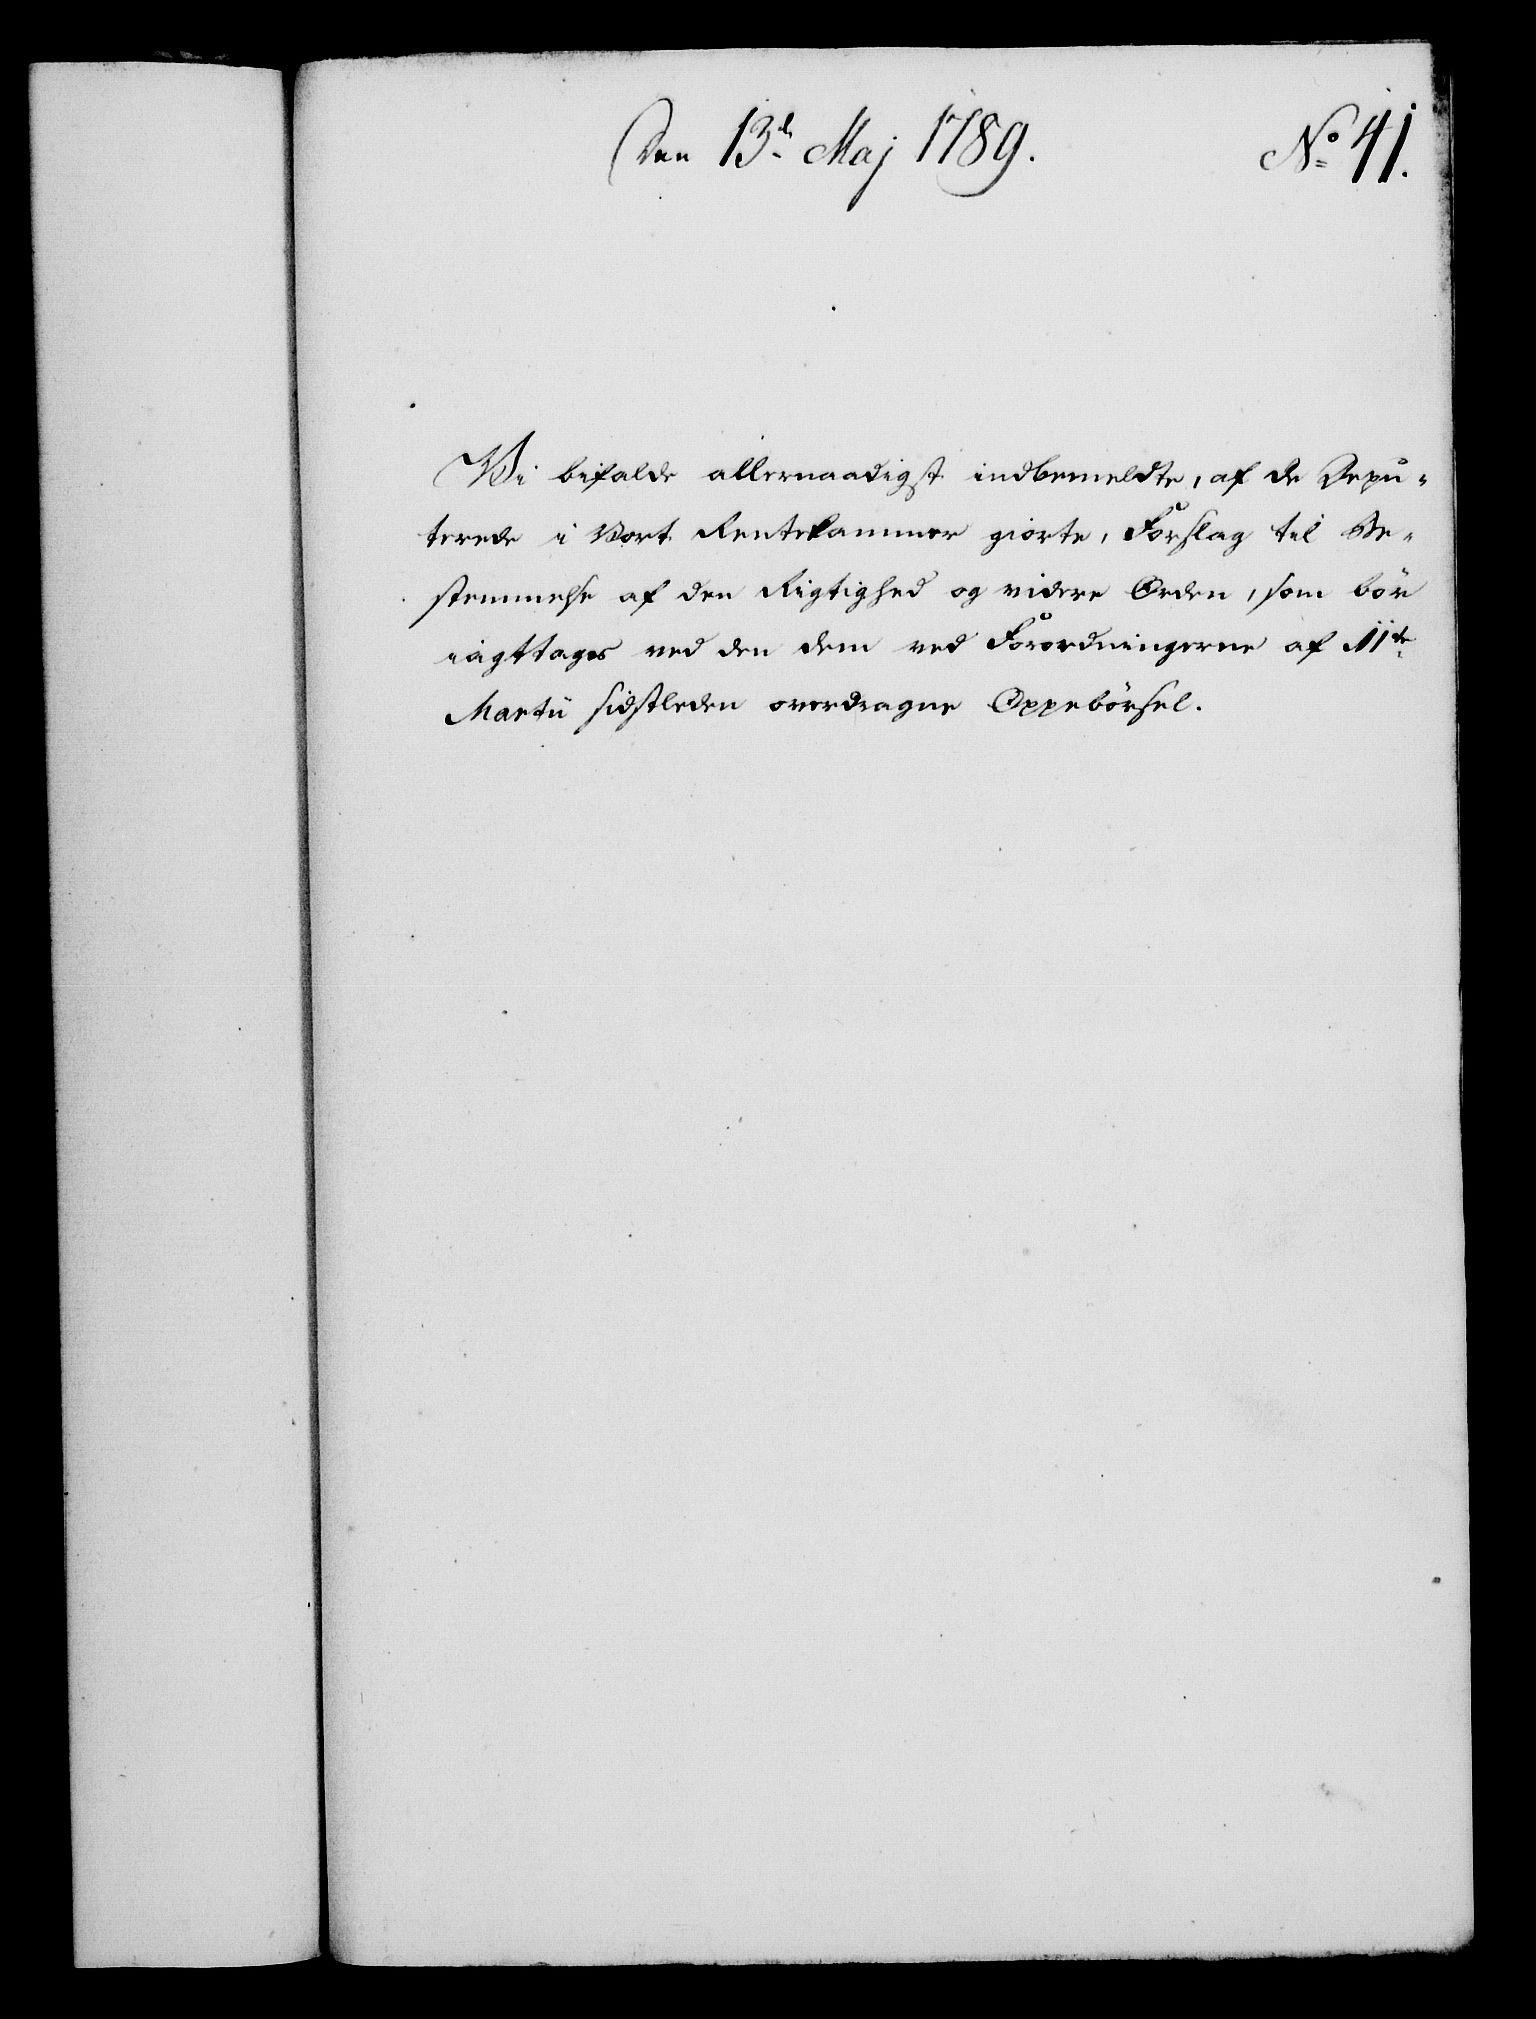 RA, Rentekammeret, Kammerkanselliet, G/Gf/Gfa/L0071: Norsk relasjons- og resolusjonsprotokoll (merket RK 52.71), 1789, s. 291